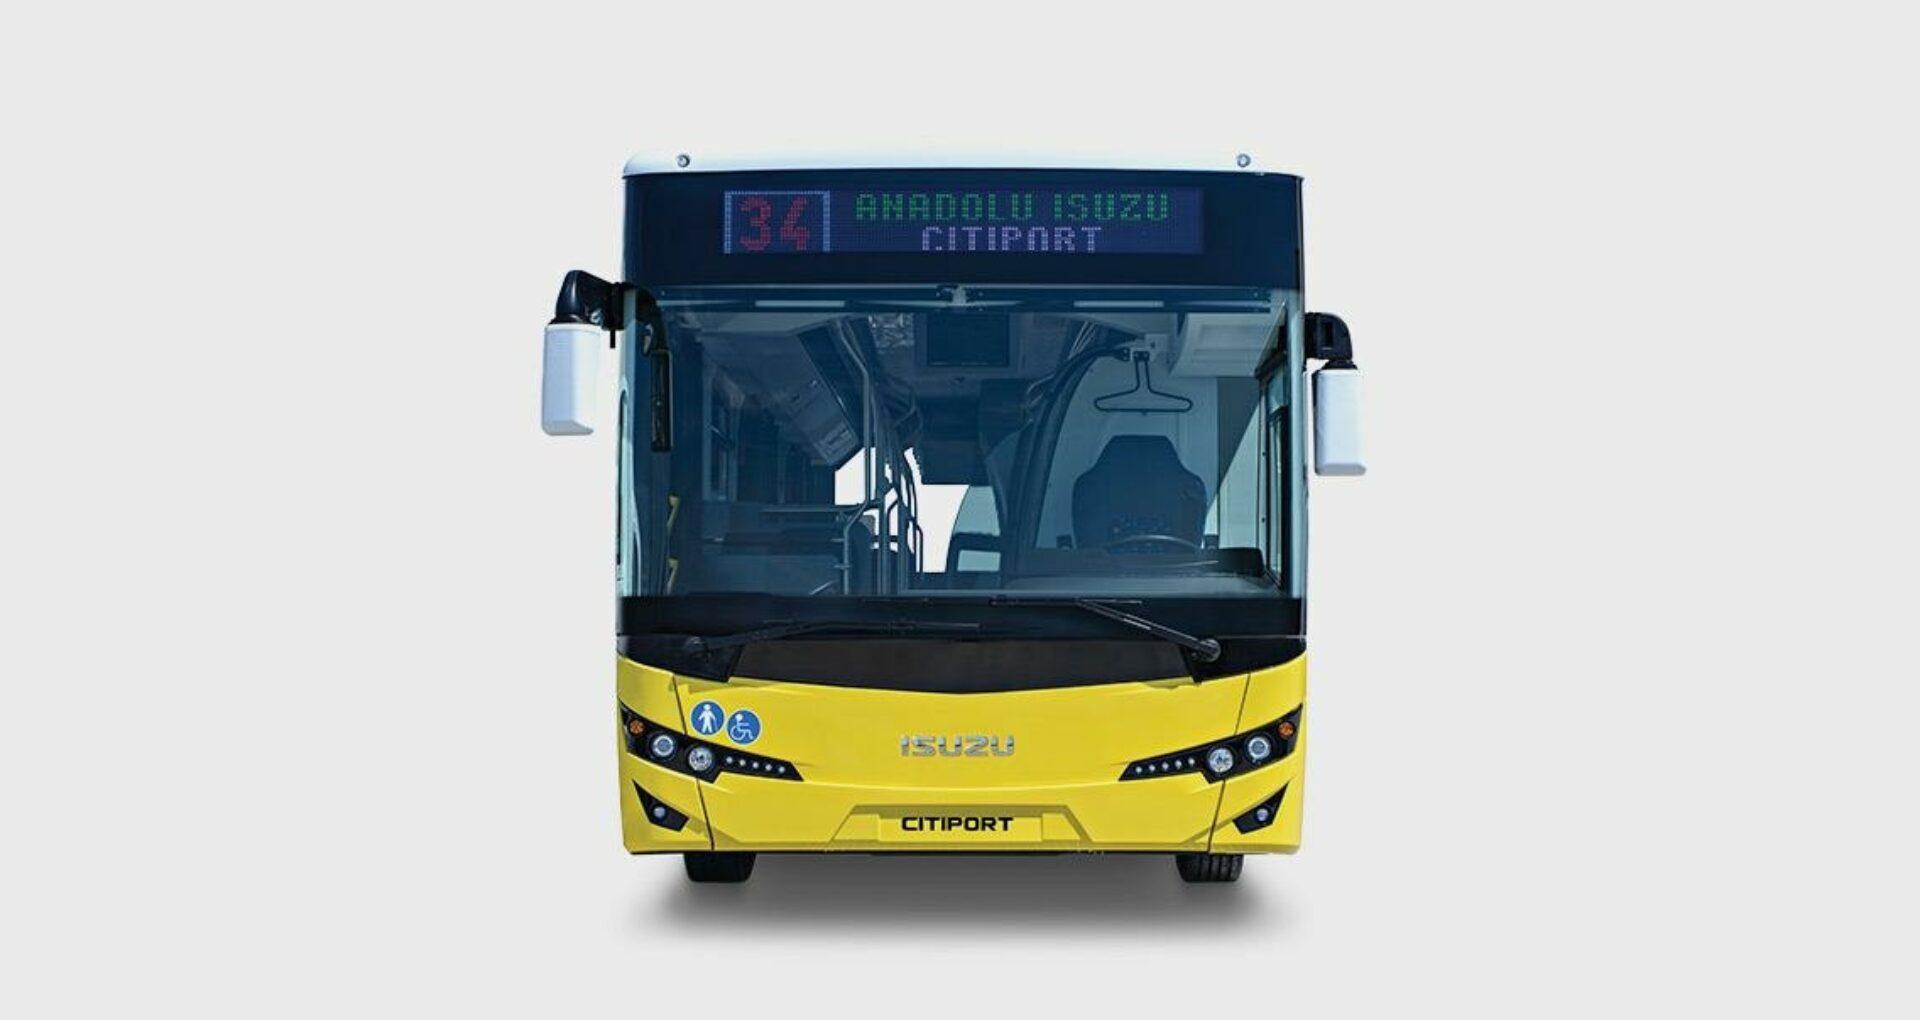 A fost desemnată compania câștigătoare de la care municipiul Chișinău va achiziționa 100 de autobuze